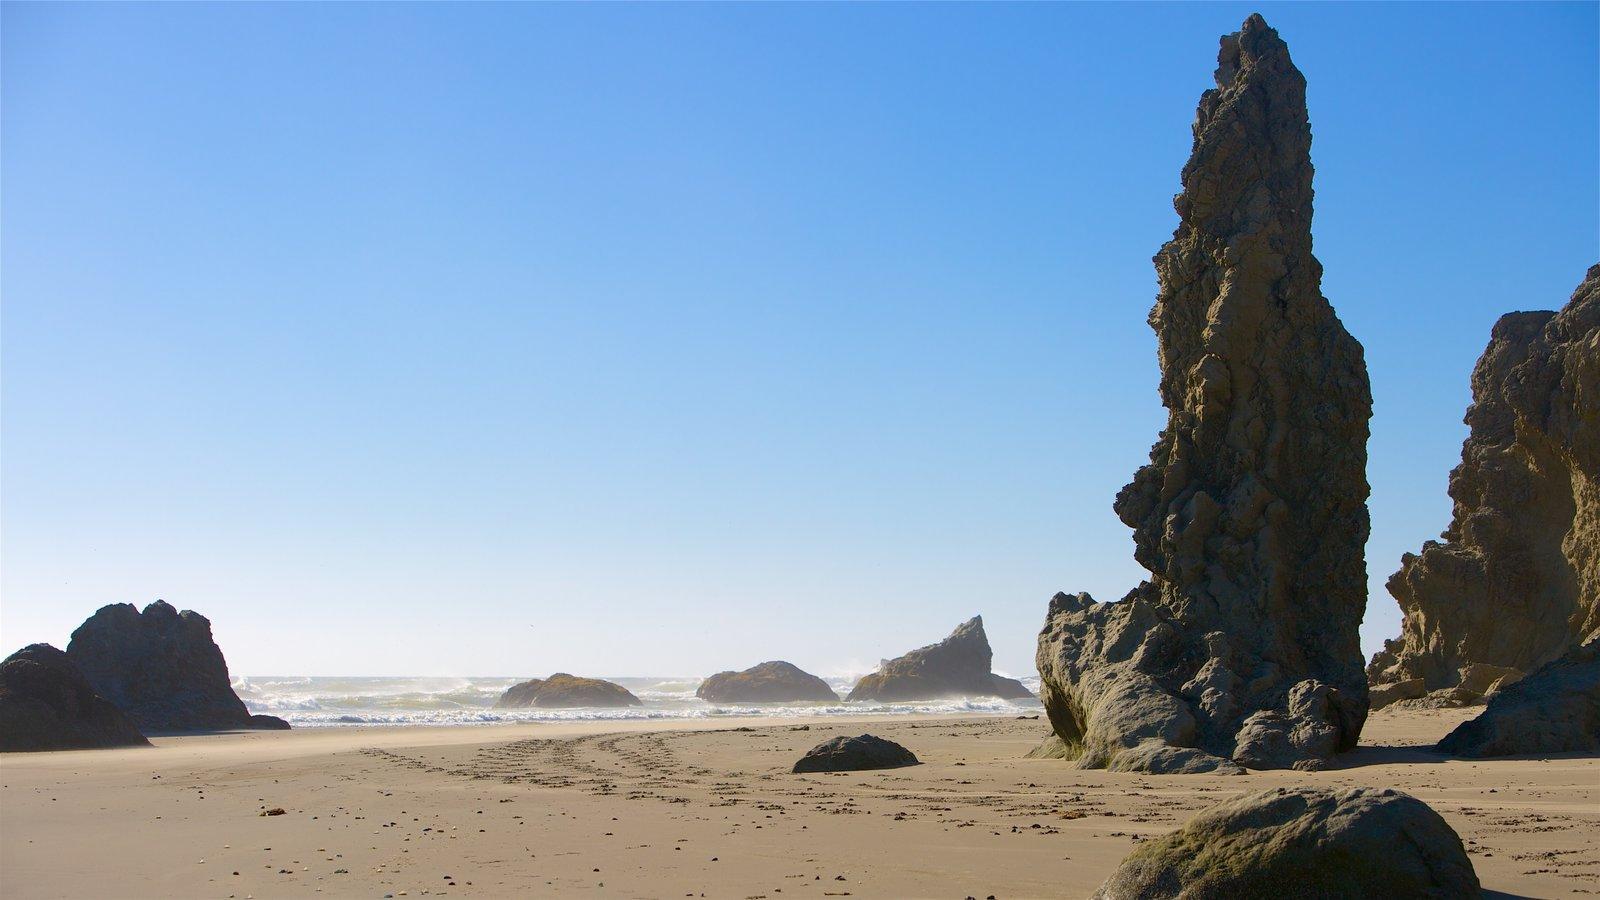 Bandon mostrando uma praia de areia e litoral rochoso